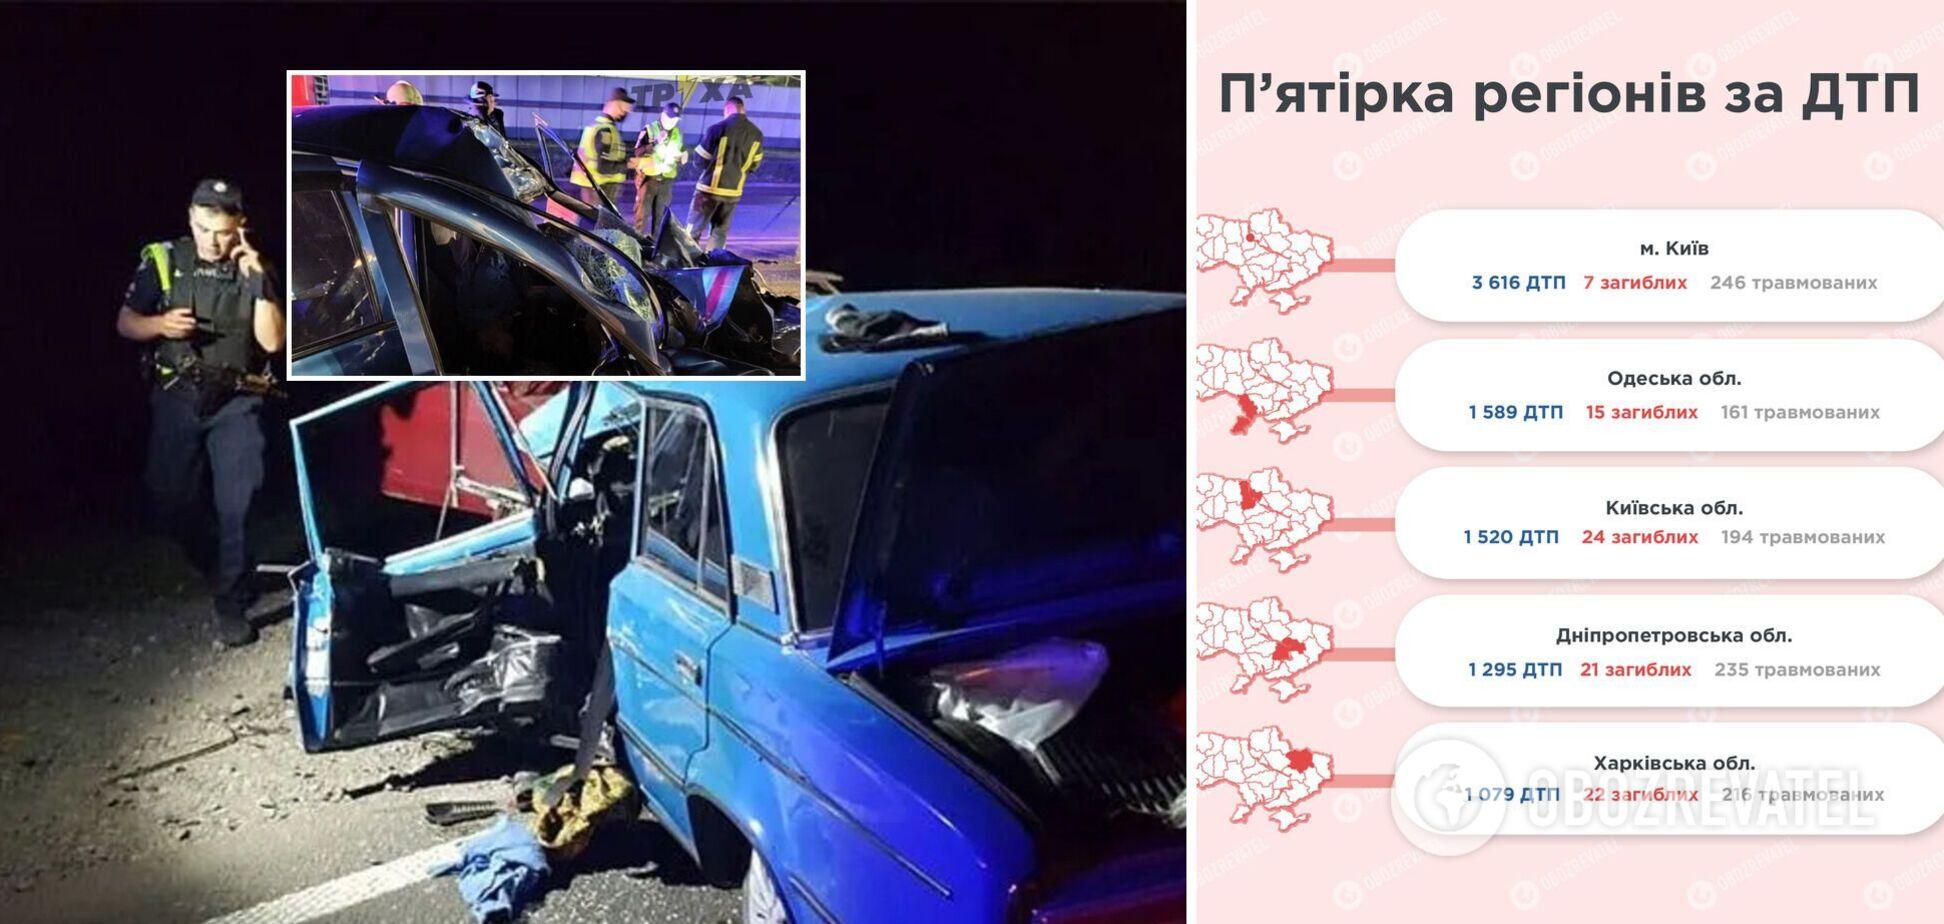 'Війни на дорогах' в Україні тривають